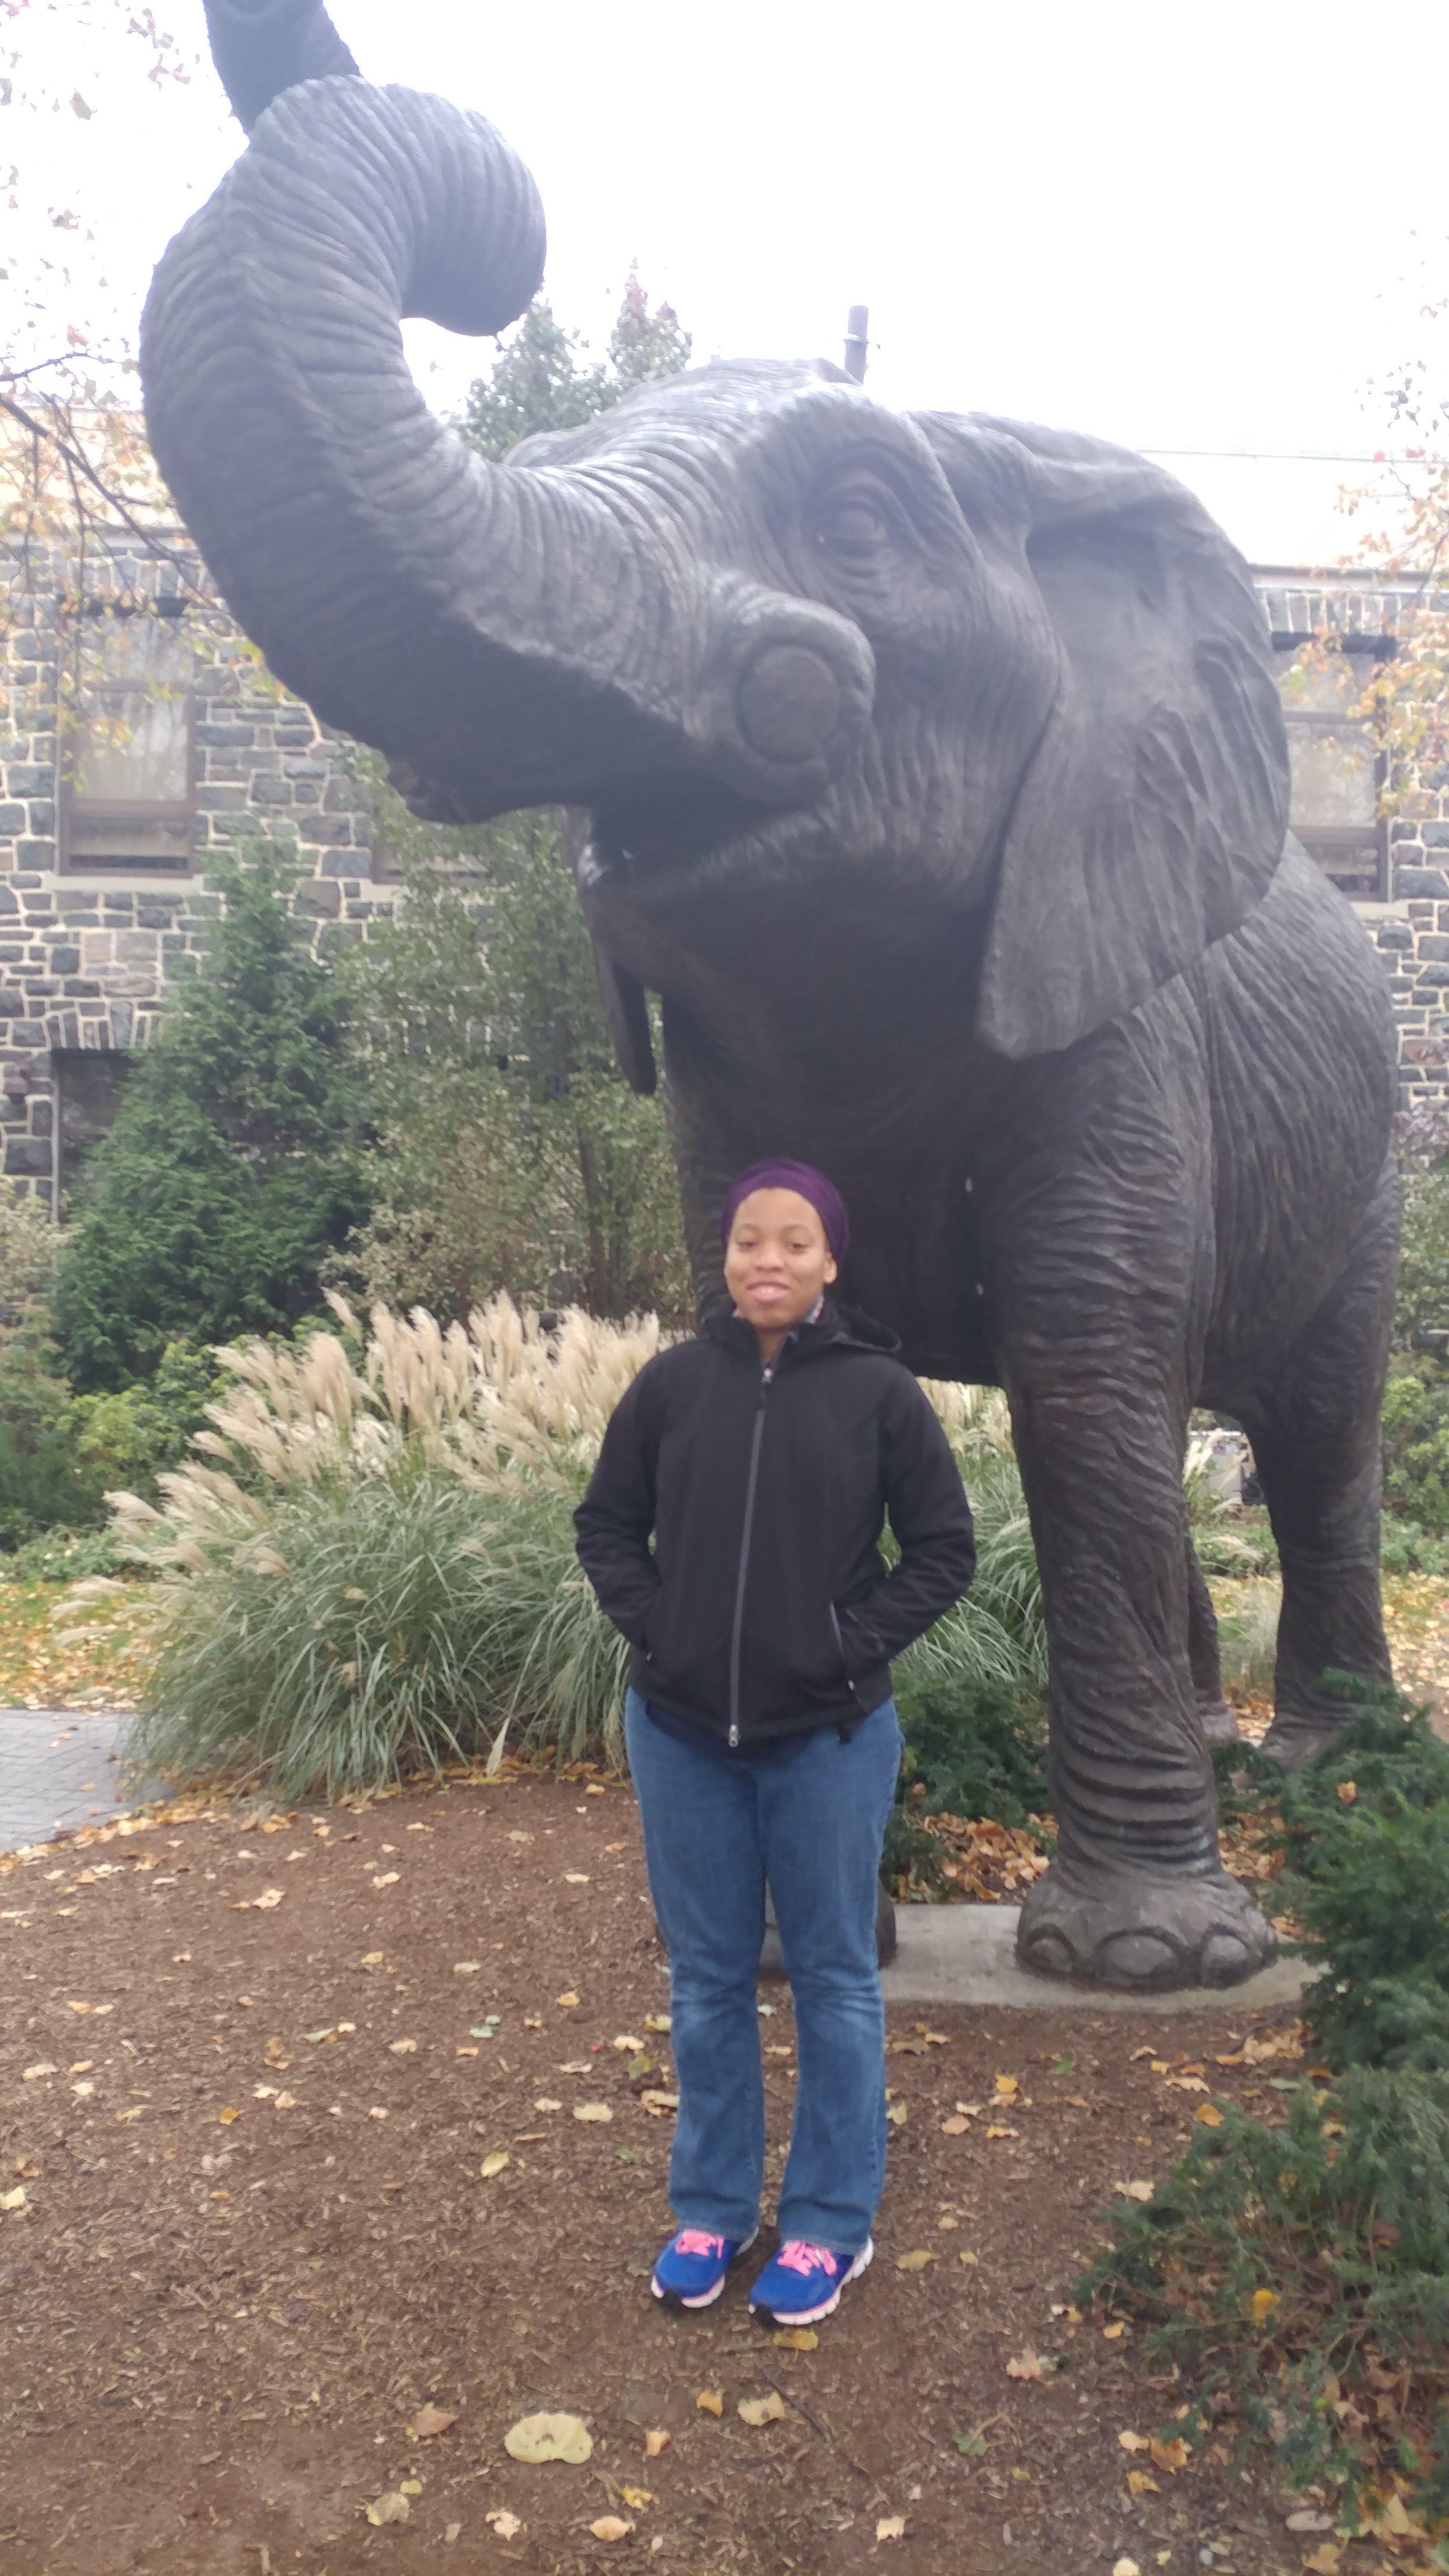 Mary - Tufts University